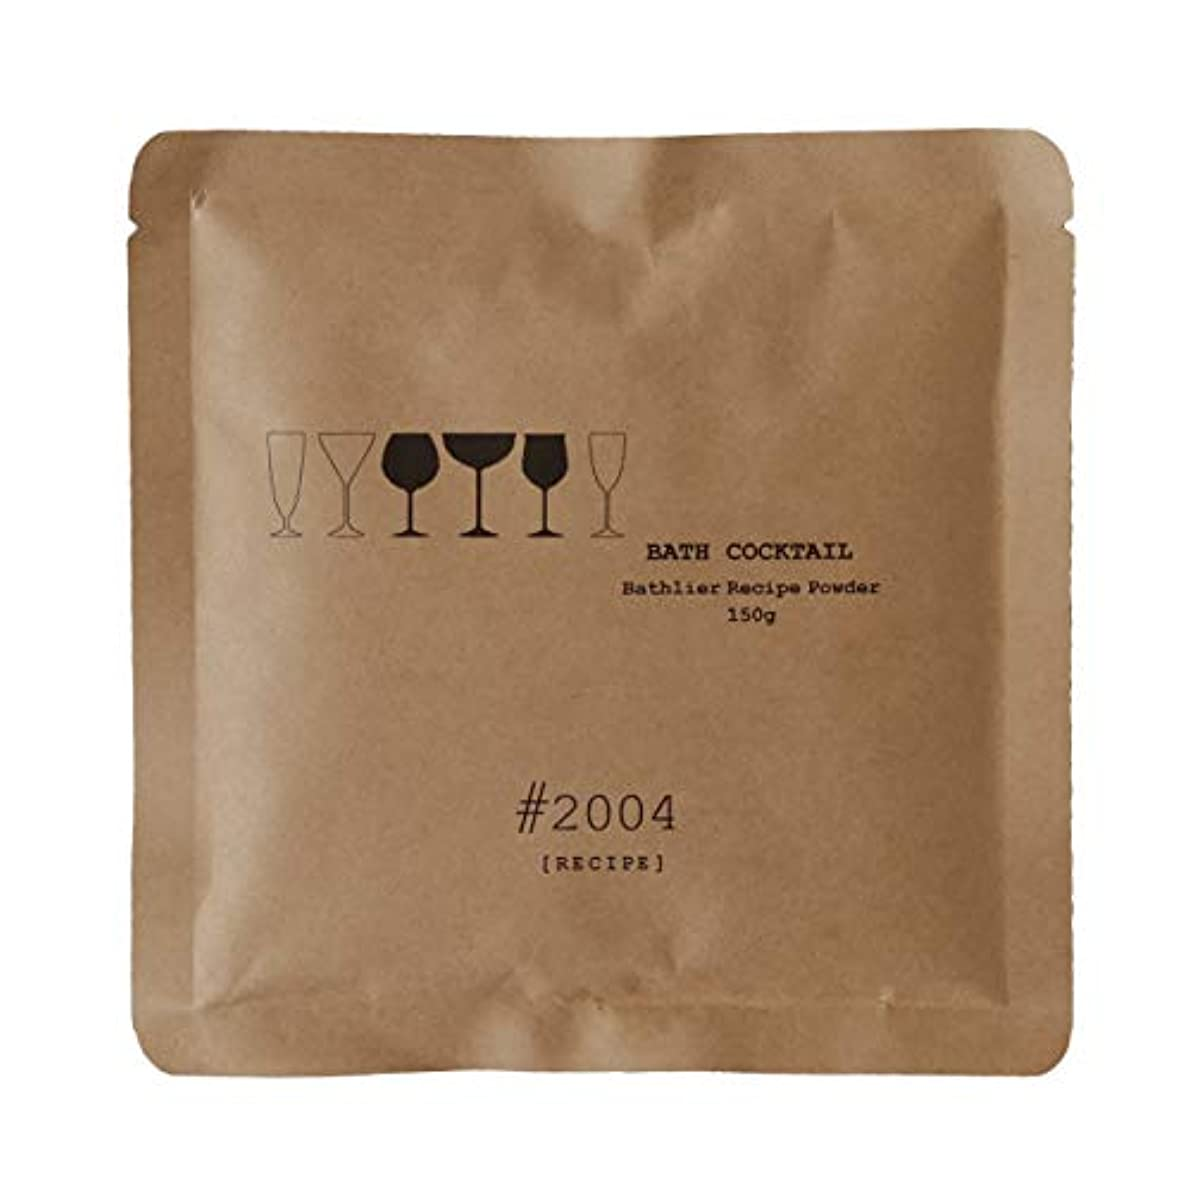 計算する一緒に言語入浴剤「Bathlier(バスリエ)バスカクテル」バスリエレシピパウダー(150g)#2004